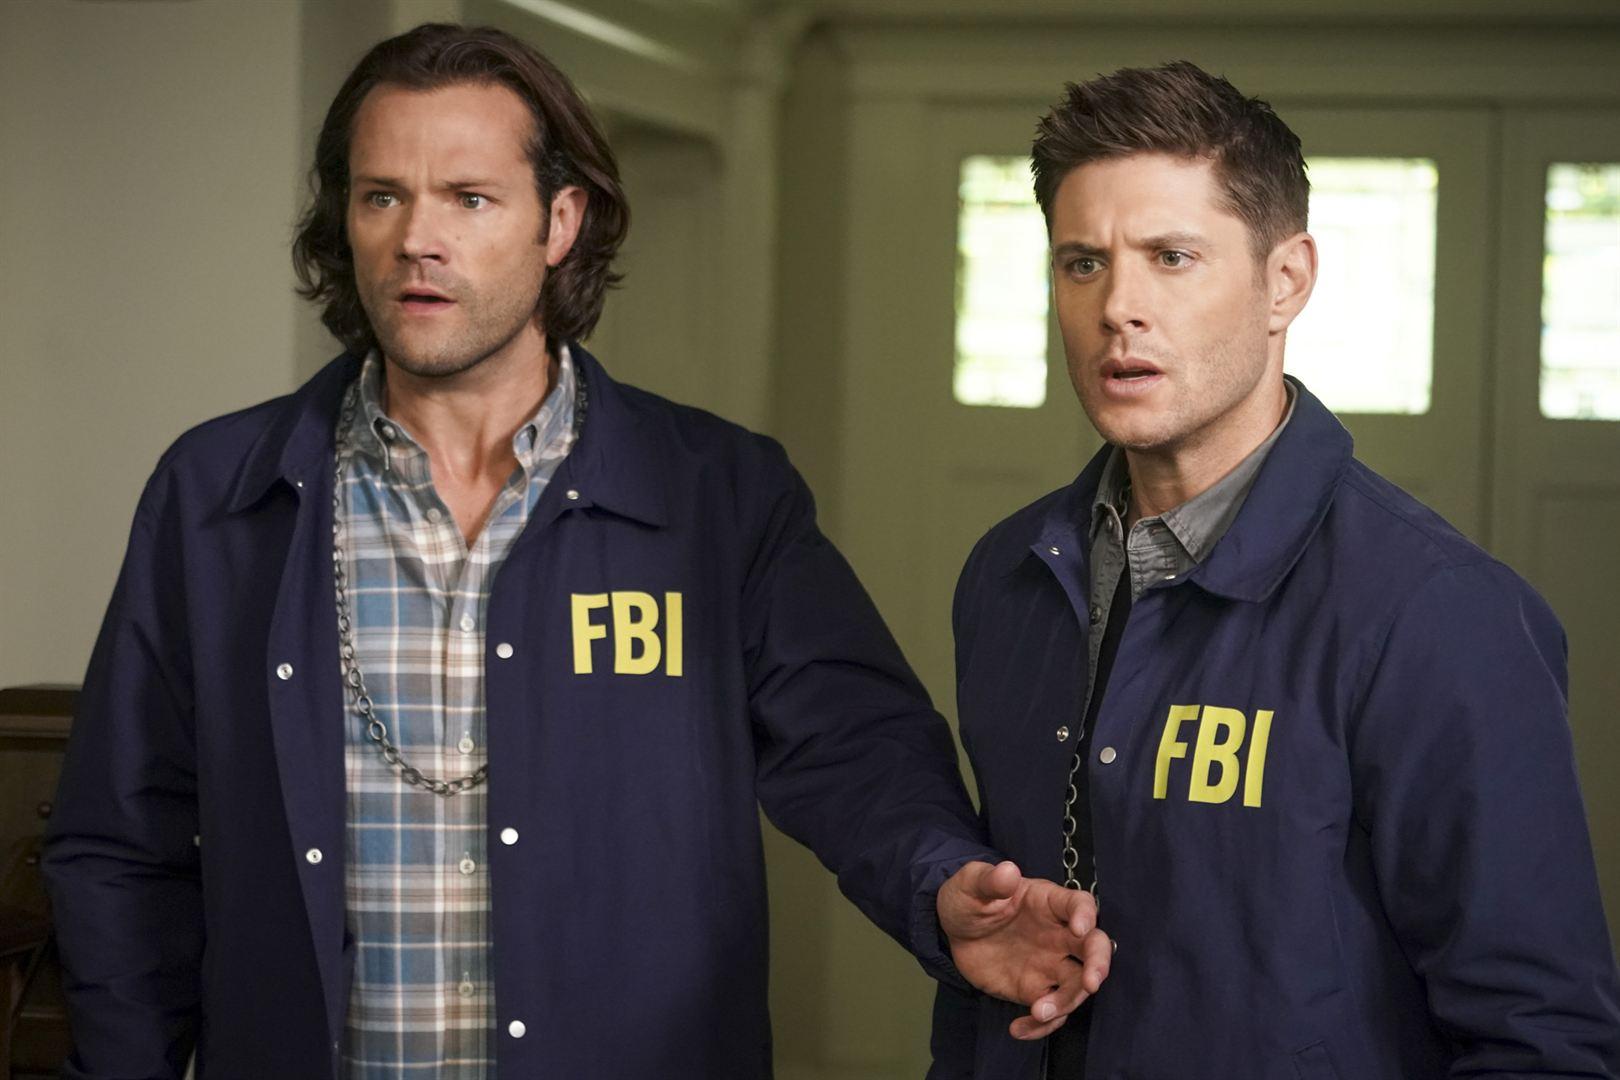 Cena de Supernatural. Sam e Dean estão vestidos com roupas do FBI, uma jaqueta azul por cima de suas roupas em um fundo claro. Eles olham espantados para algo fora da imagem e Sam está com a mão no abdômen de Dean.